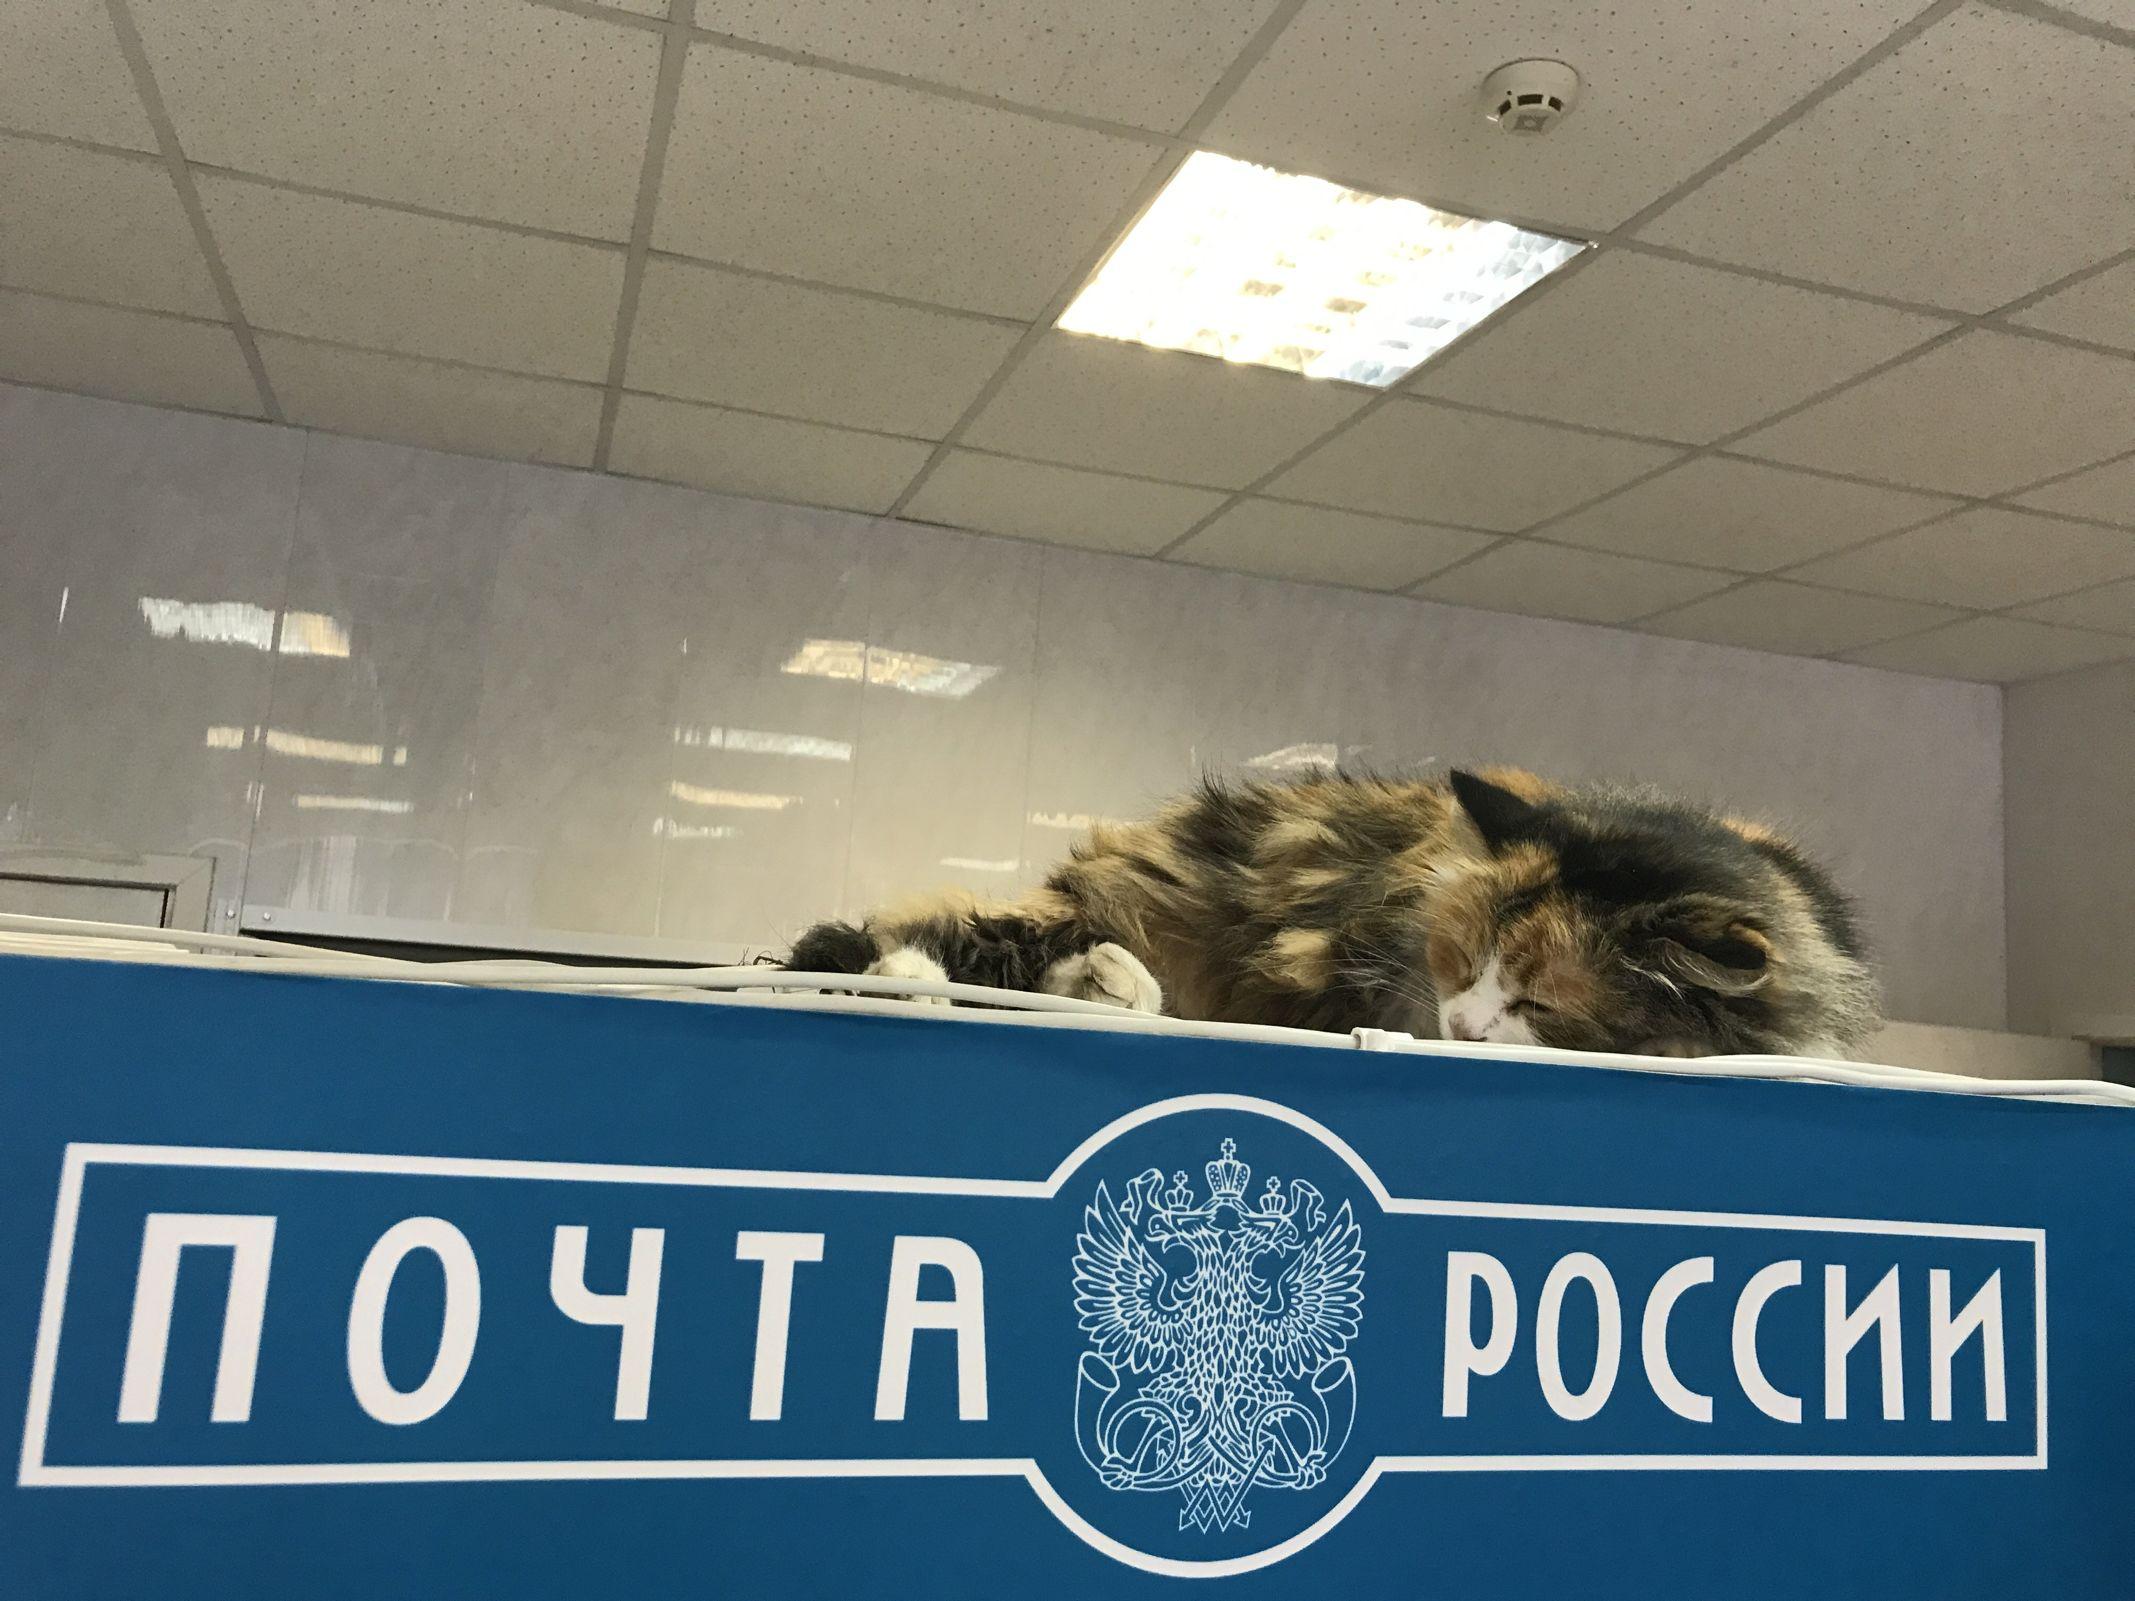 В Рыбинске пенсионер взял в заложники двух почтальонов: подробности ЧП